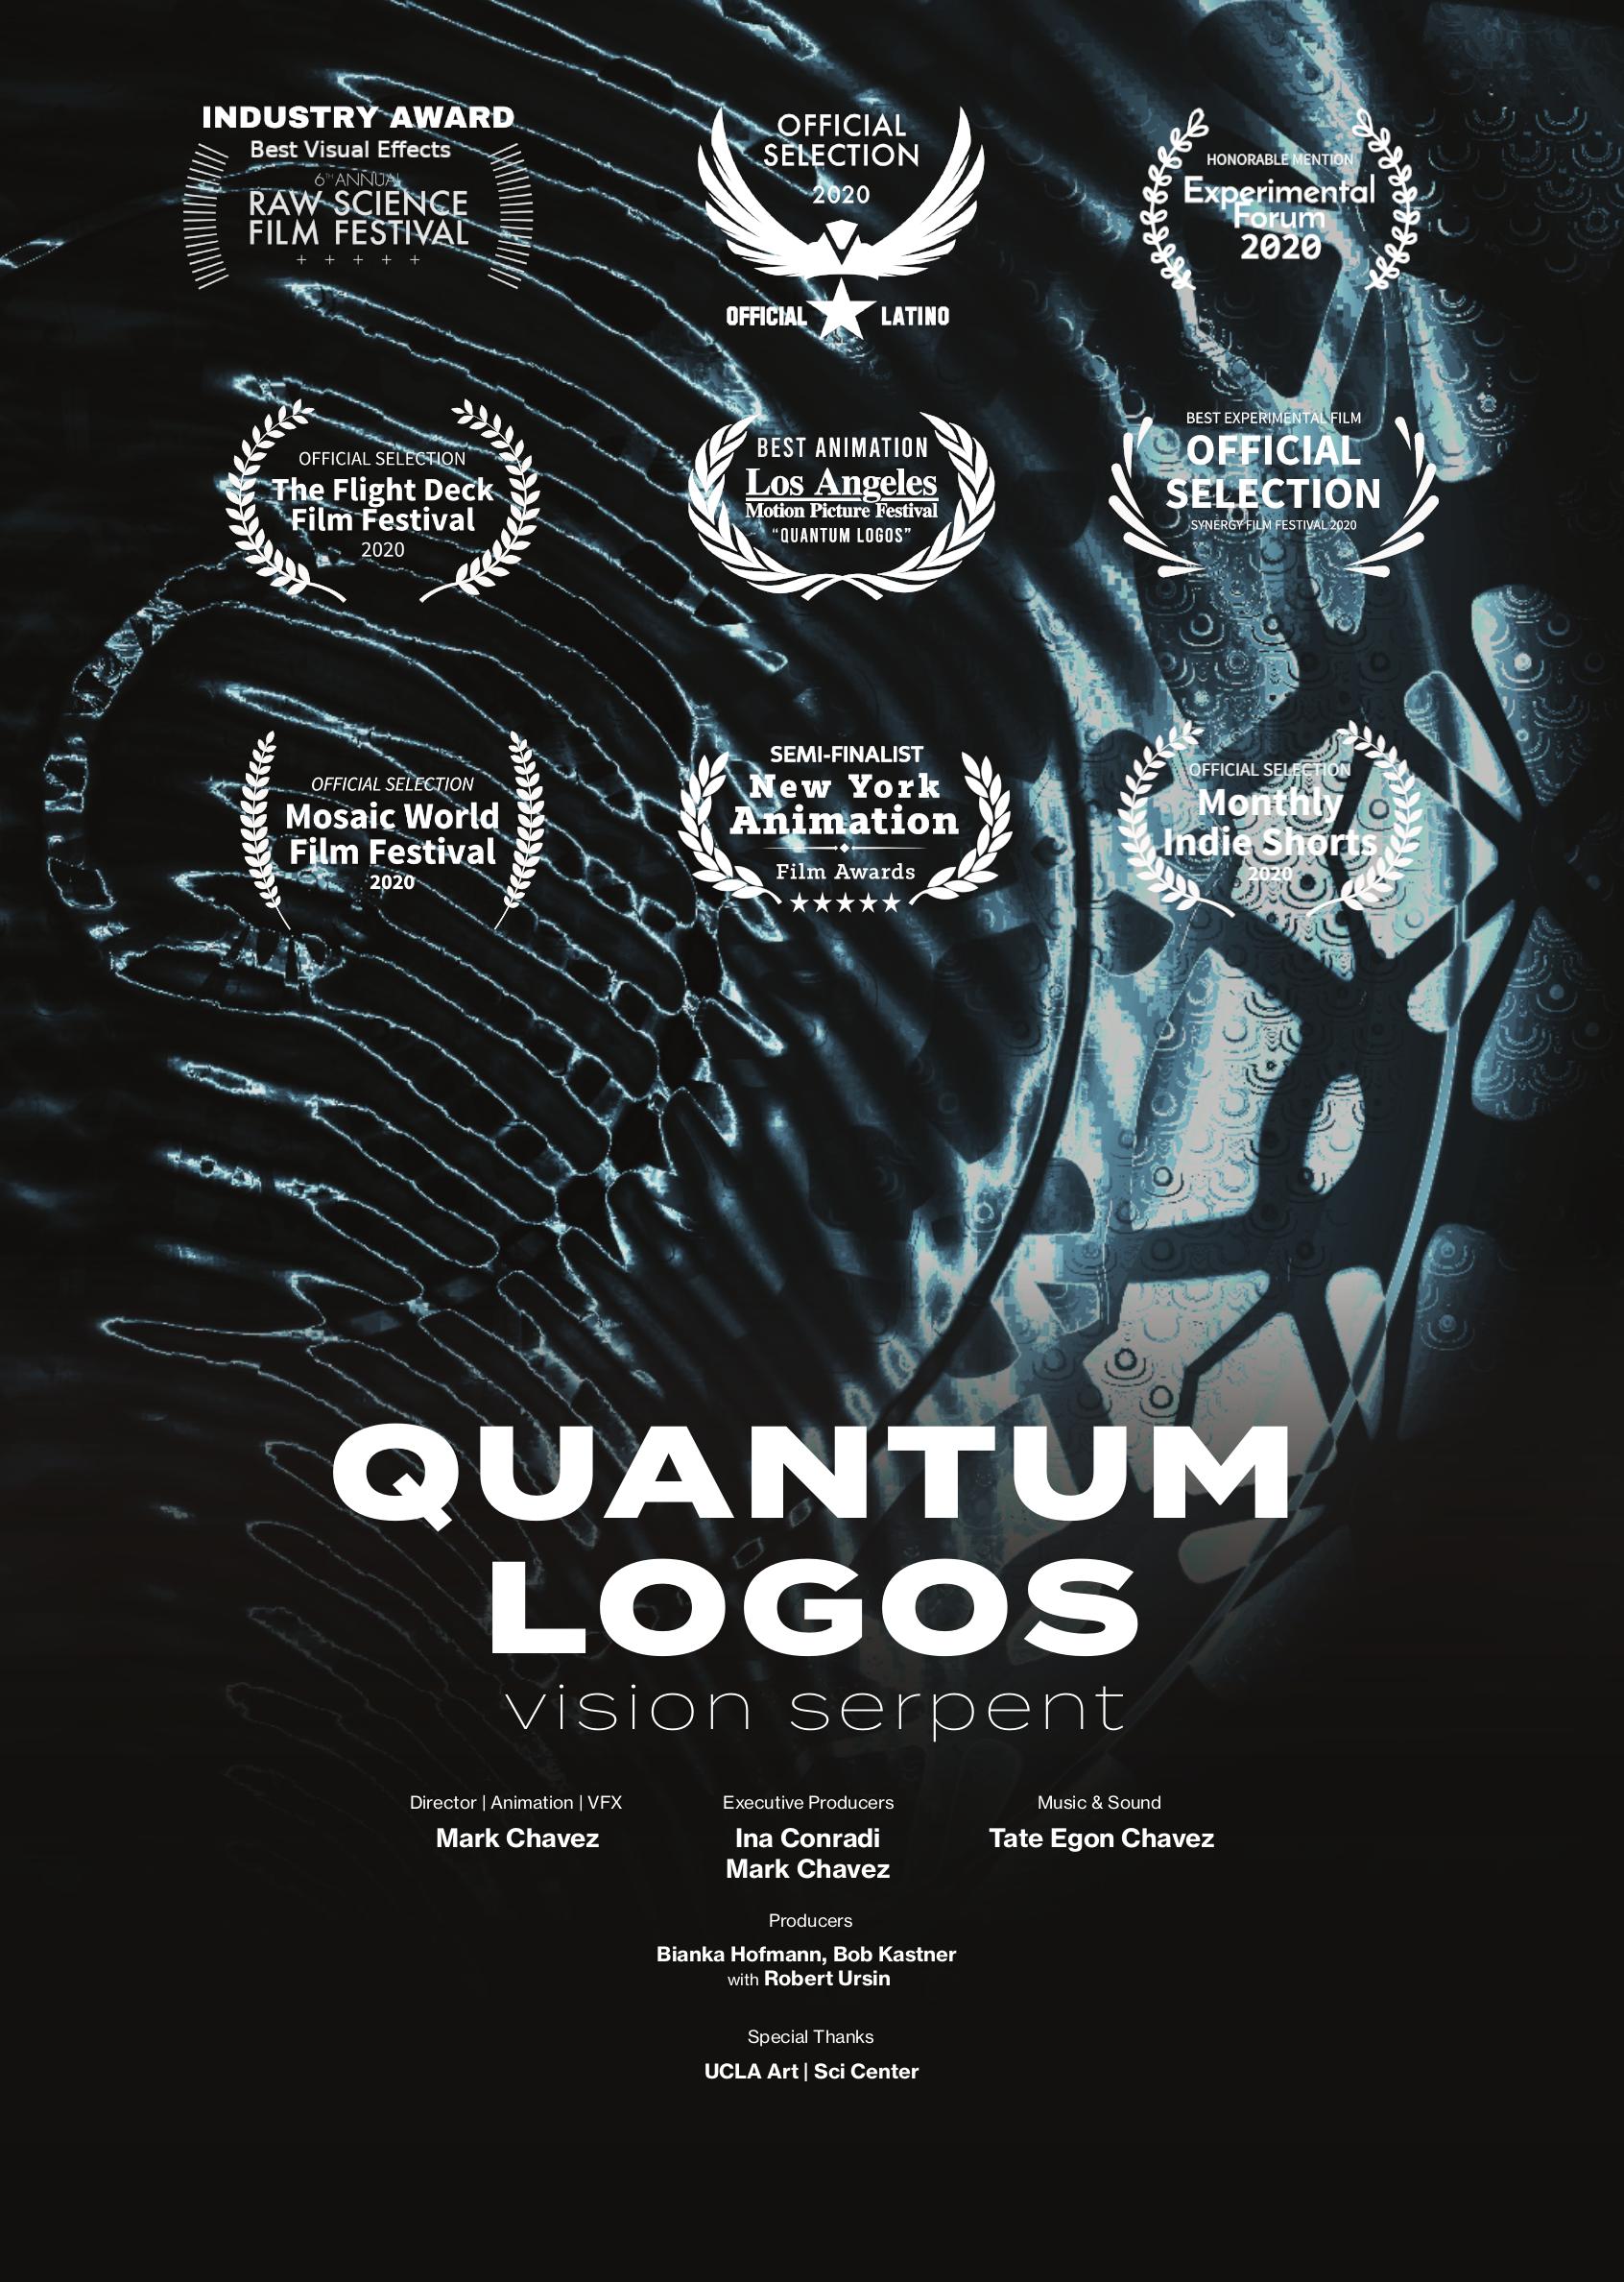 Quantum LOGOS (vision serpent)